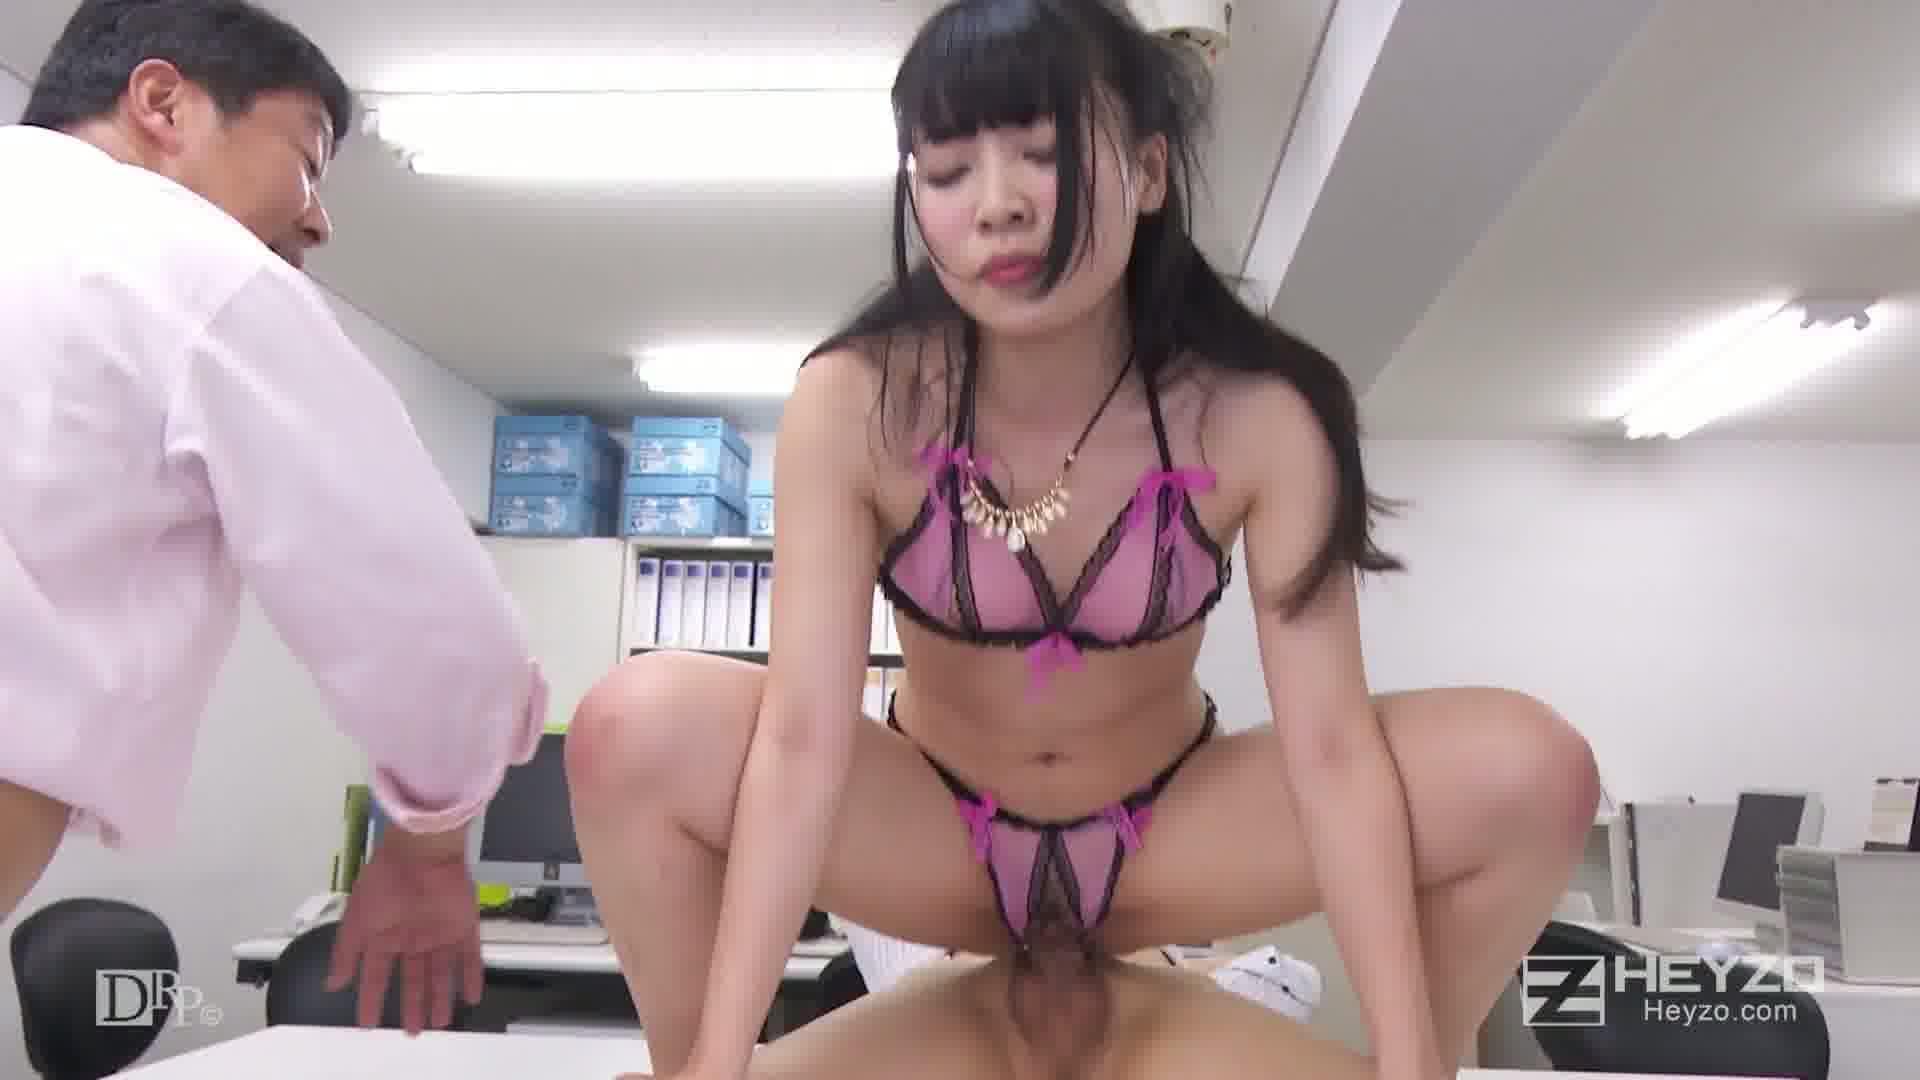 私、正社員になるために性社員になりました 後編 - 綾瀬ゆい【クンニ フェラ バック 背面騎乗位】